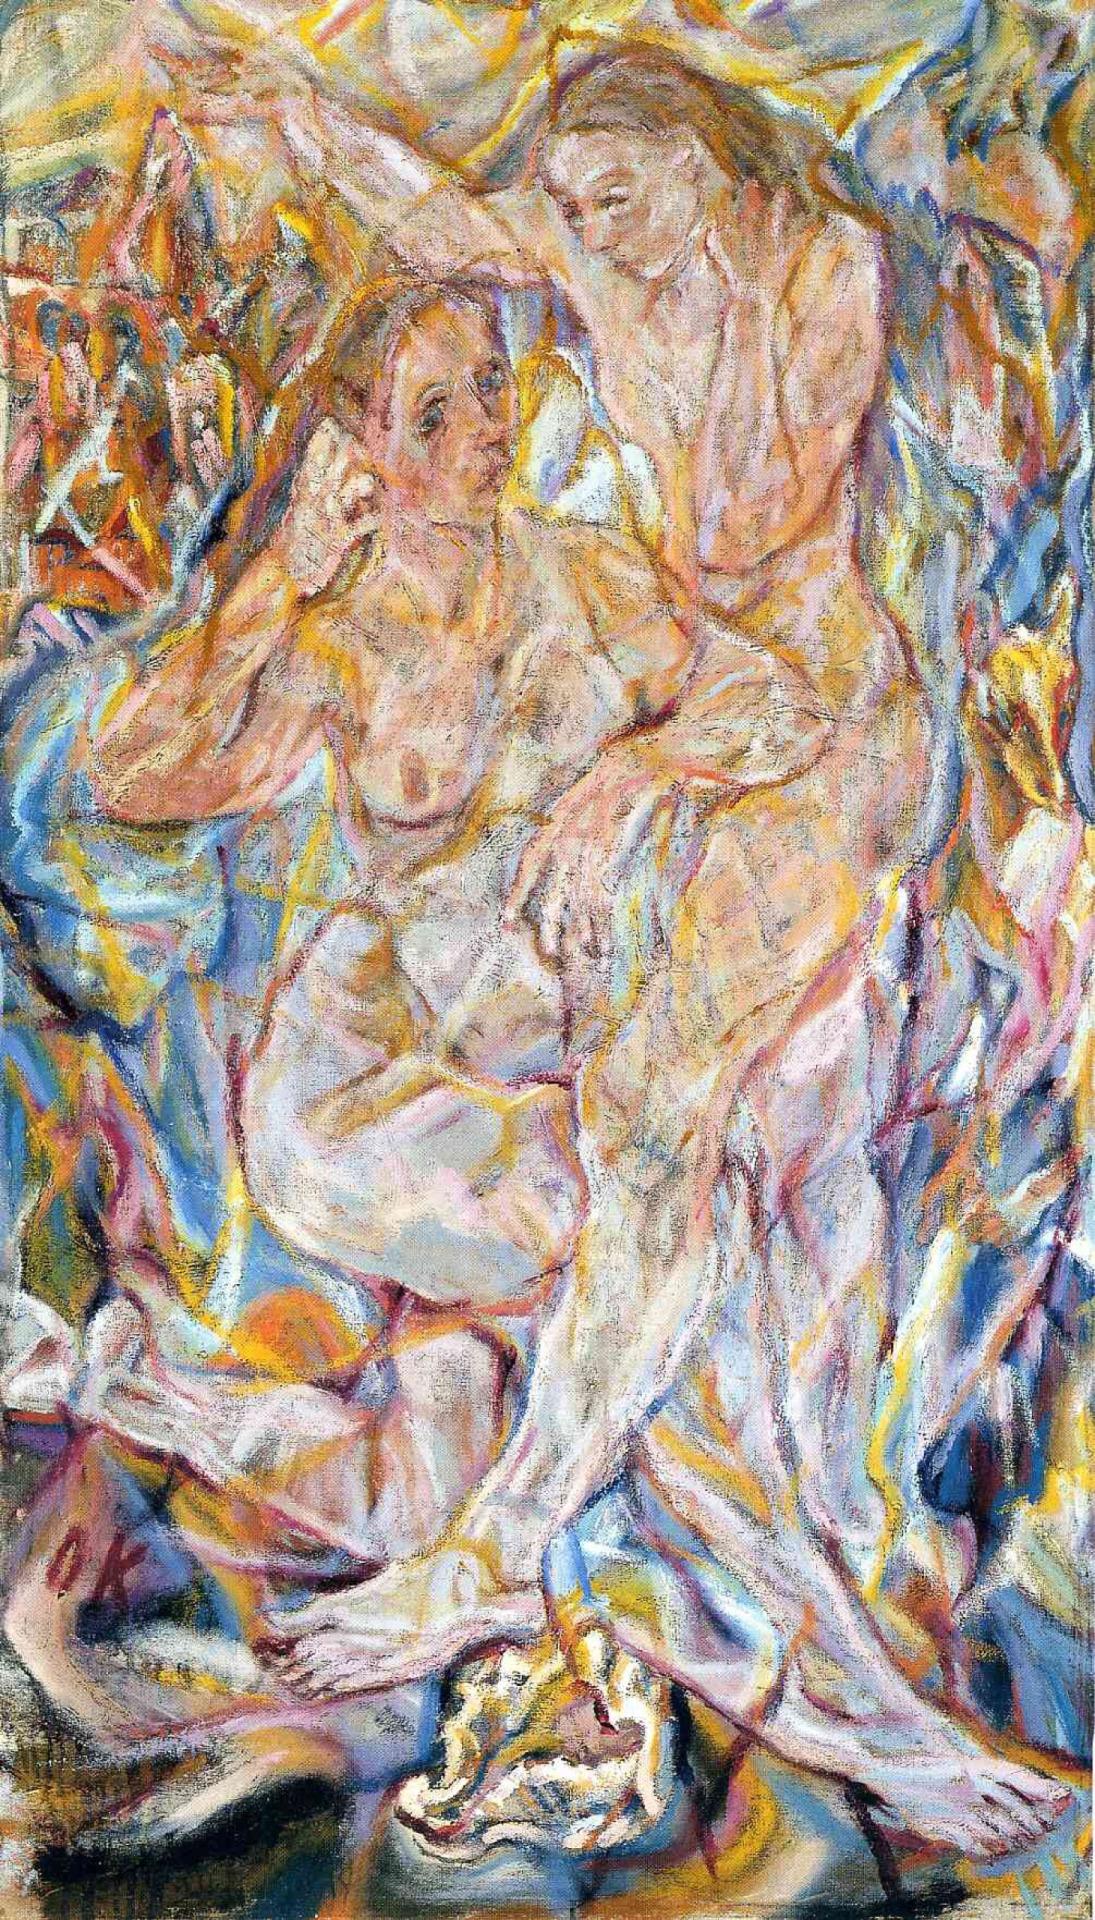 Double Nude: Two Women, Oskar Kokoschka, 1912